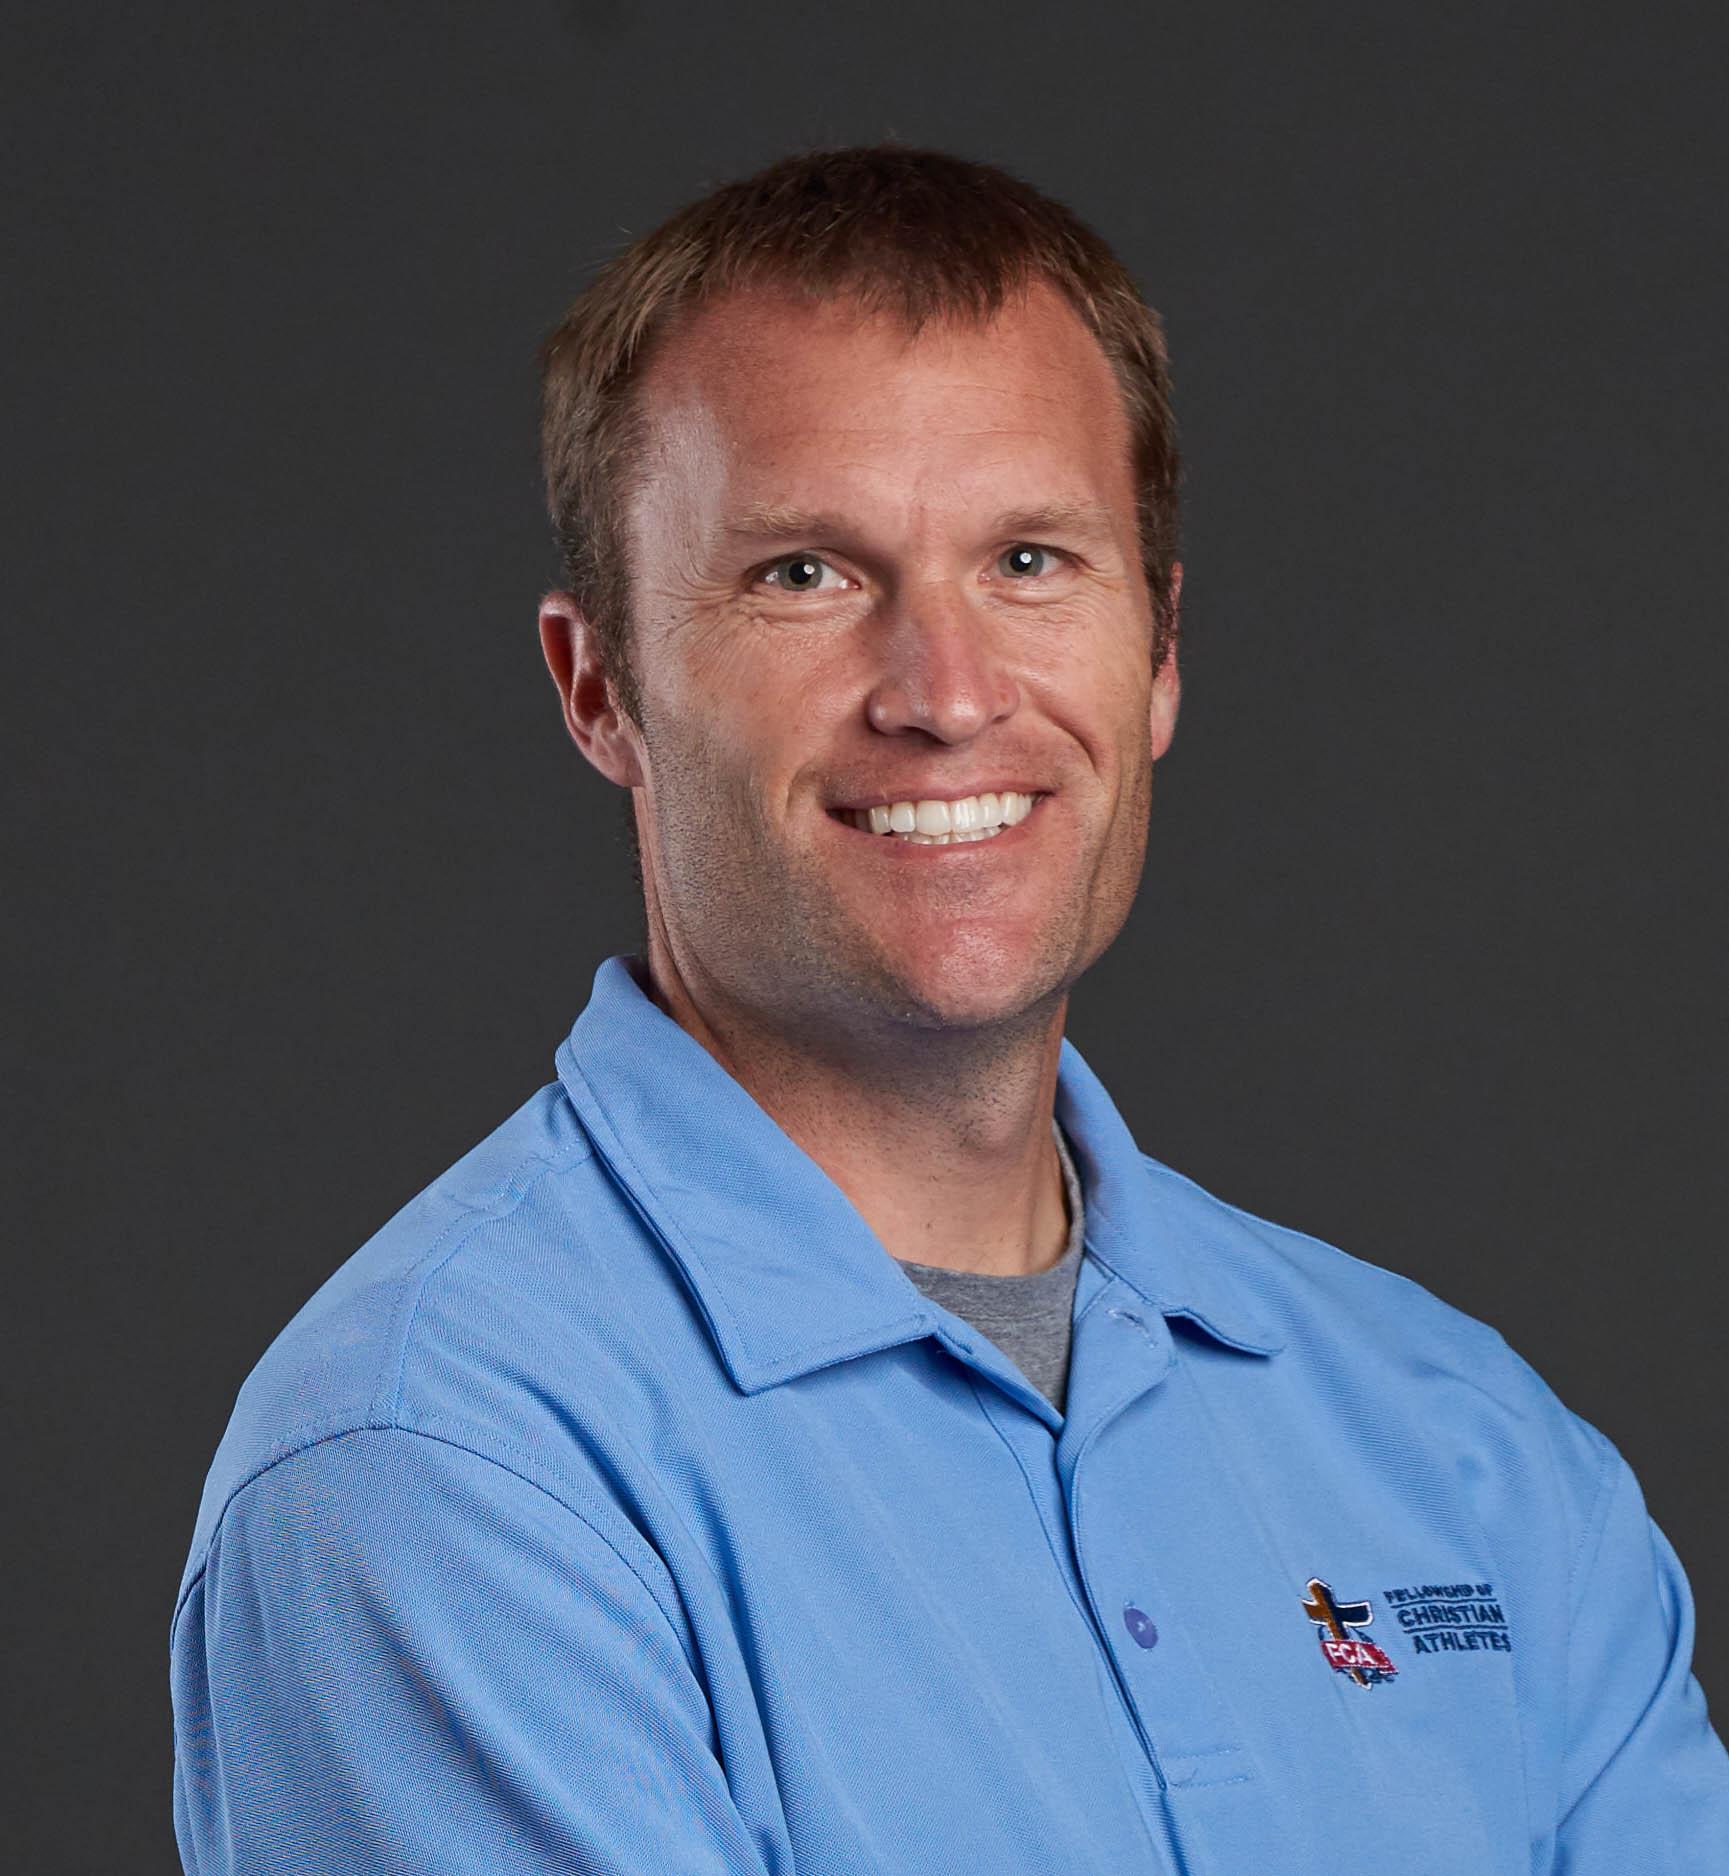 Chad Taflinger